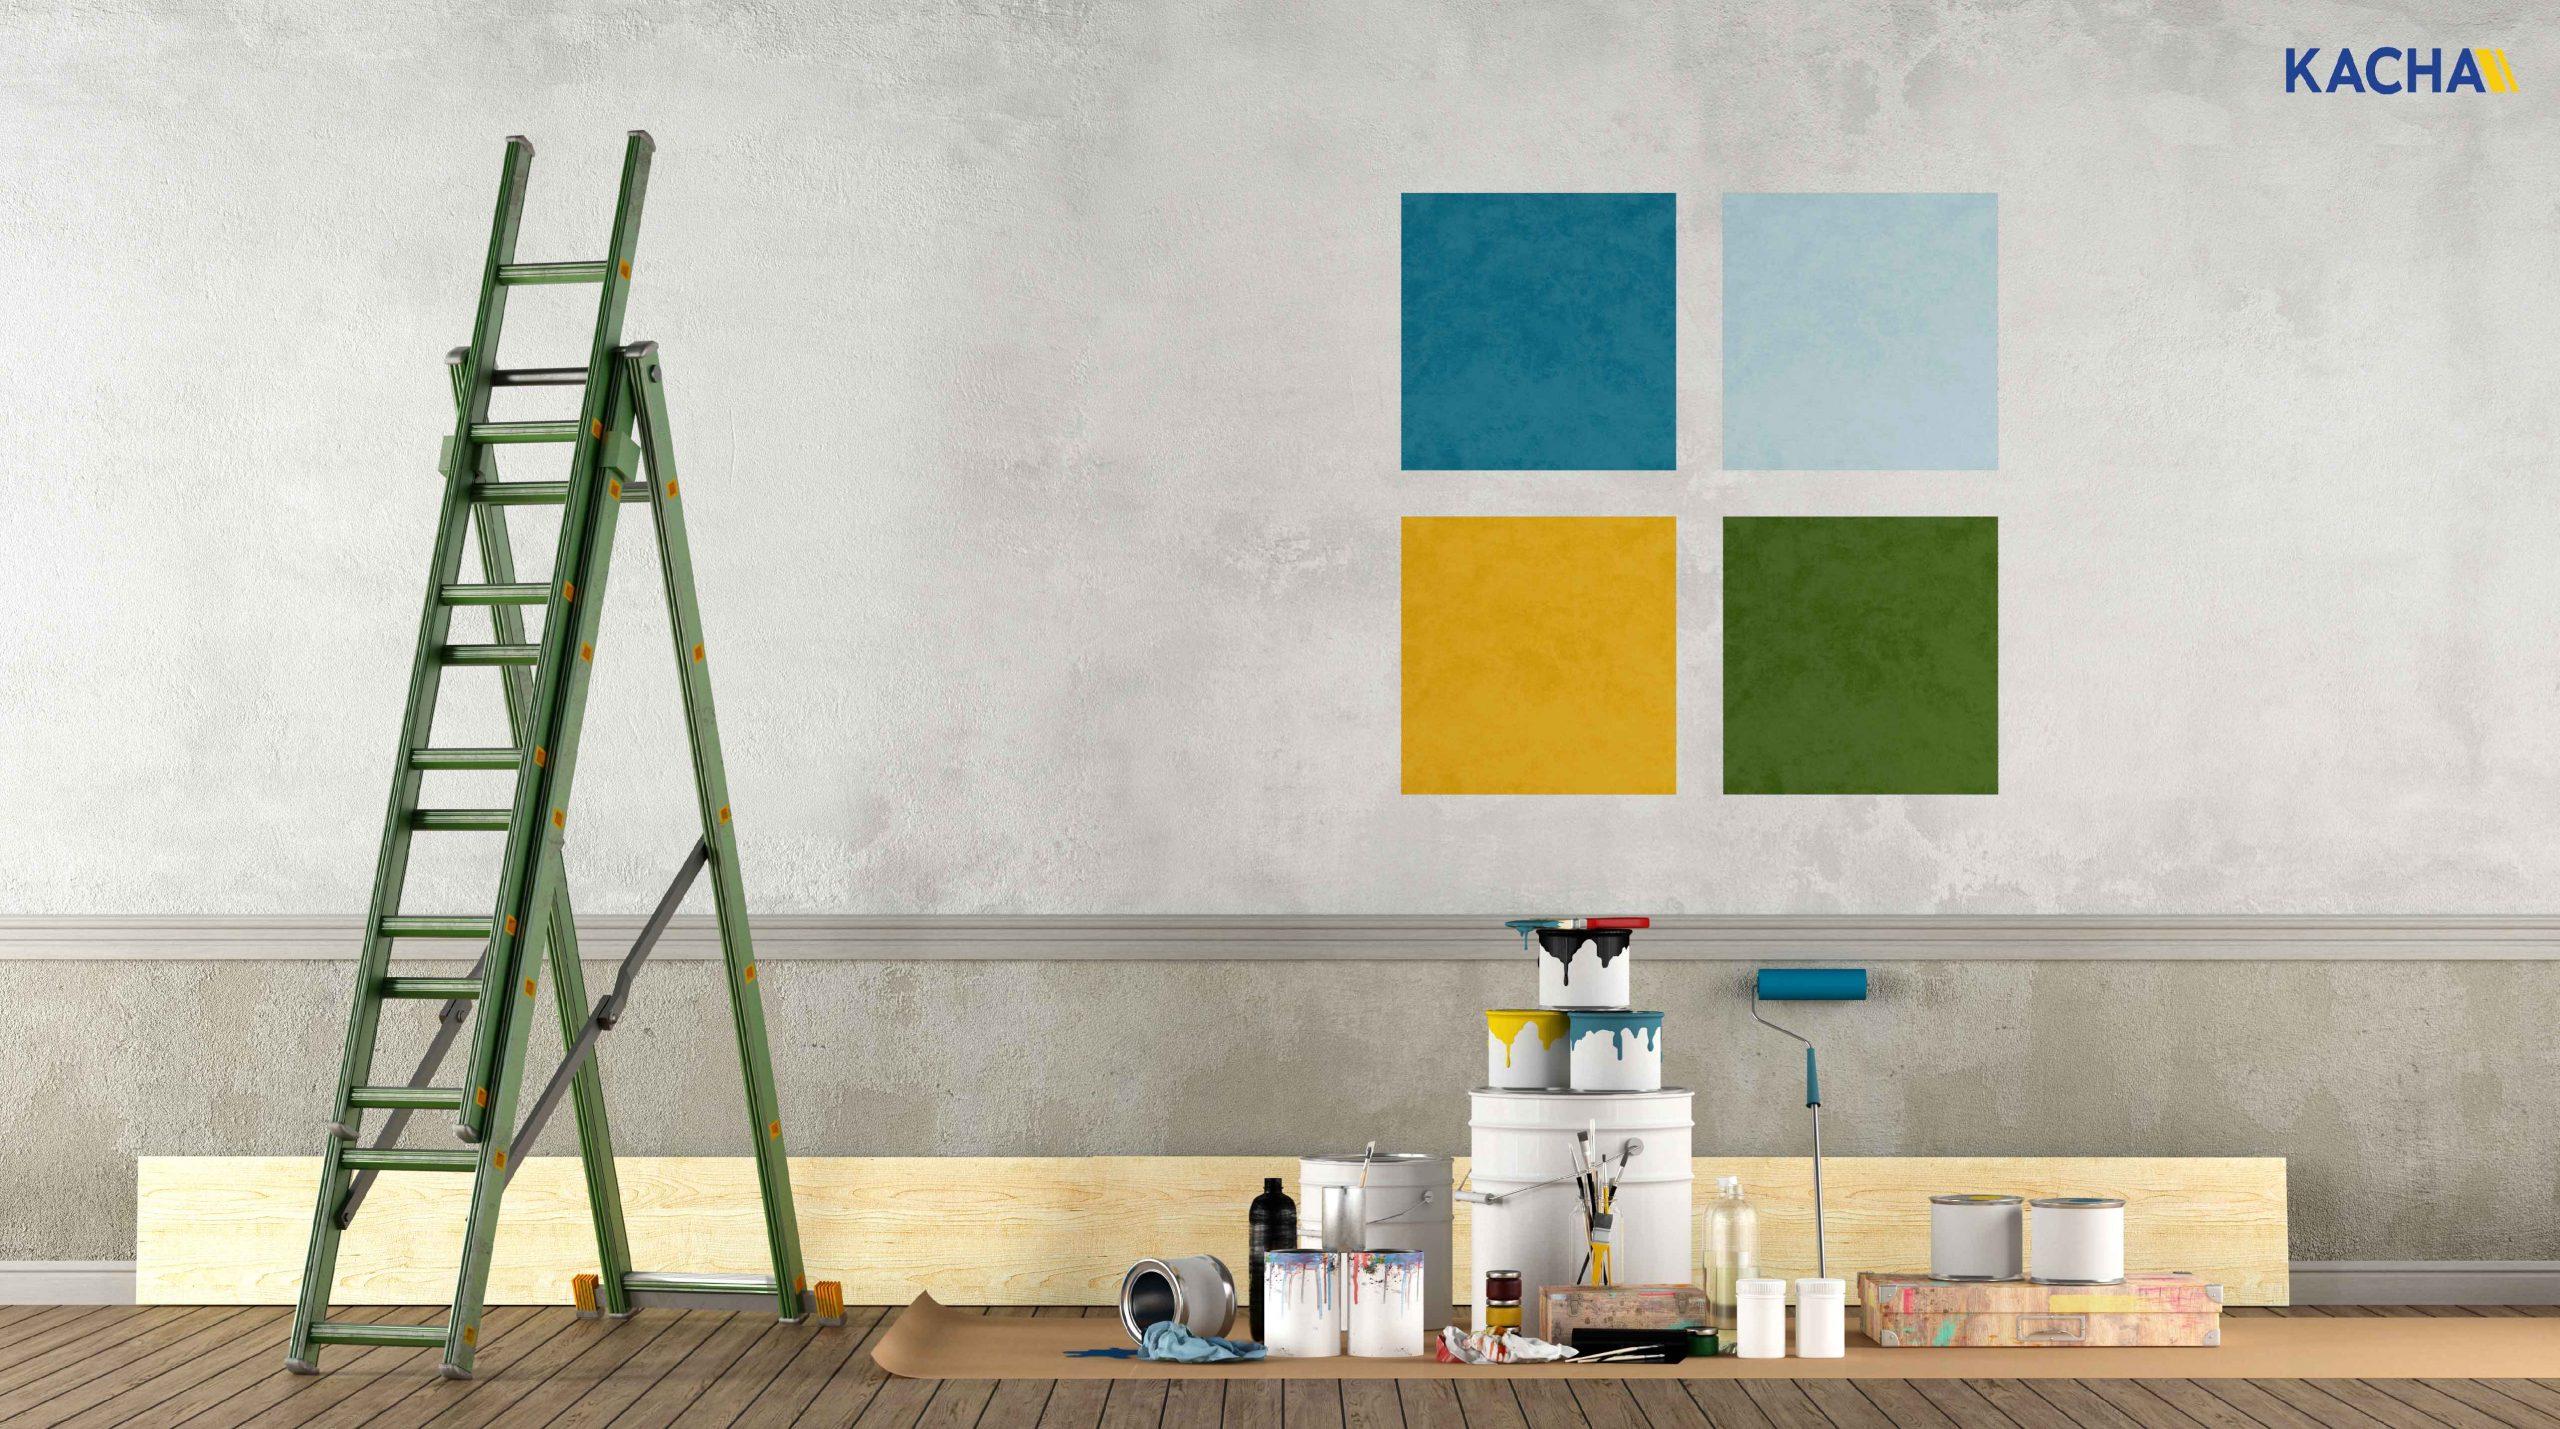 210122-Content-เทคนิค-ทาสีผนังปูน-ผนังบ้าน-สวยนานติดทน-ทำได้ง่ายๆ-02